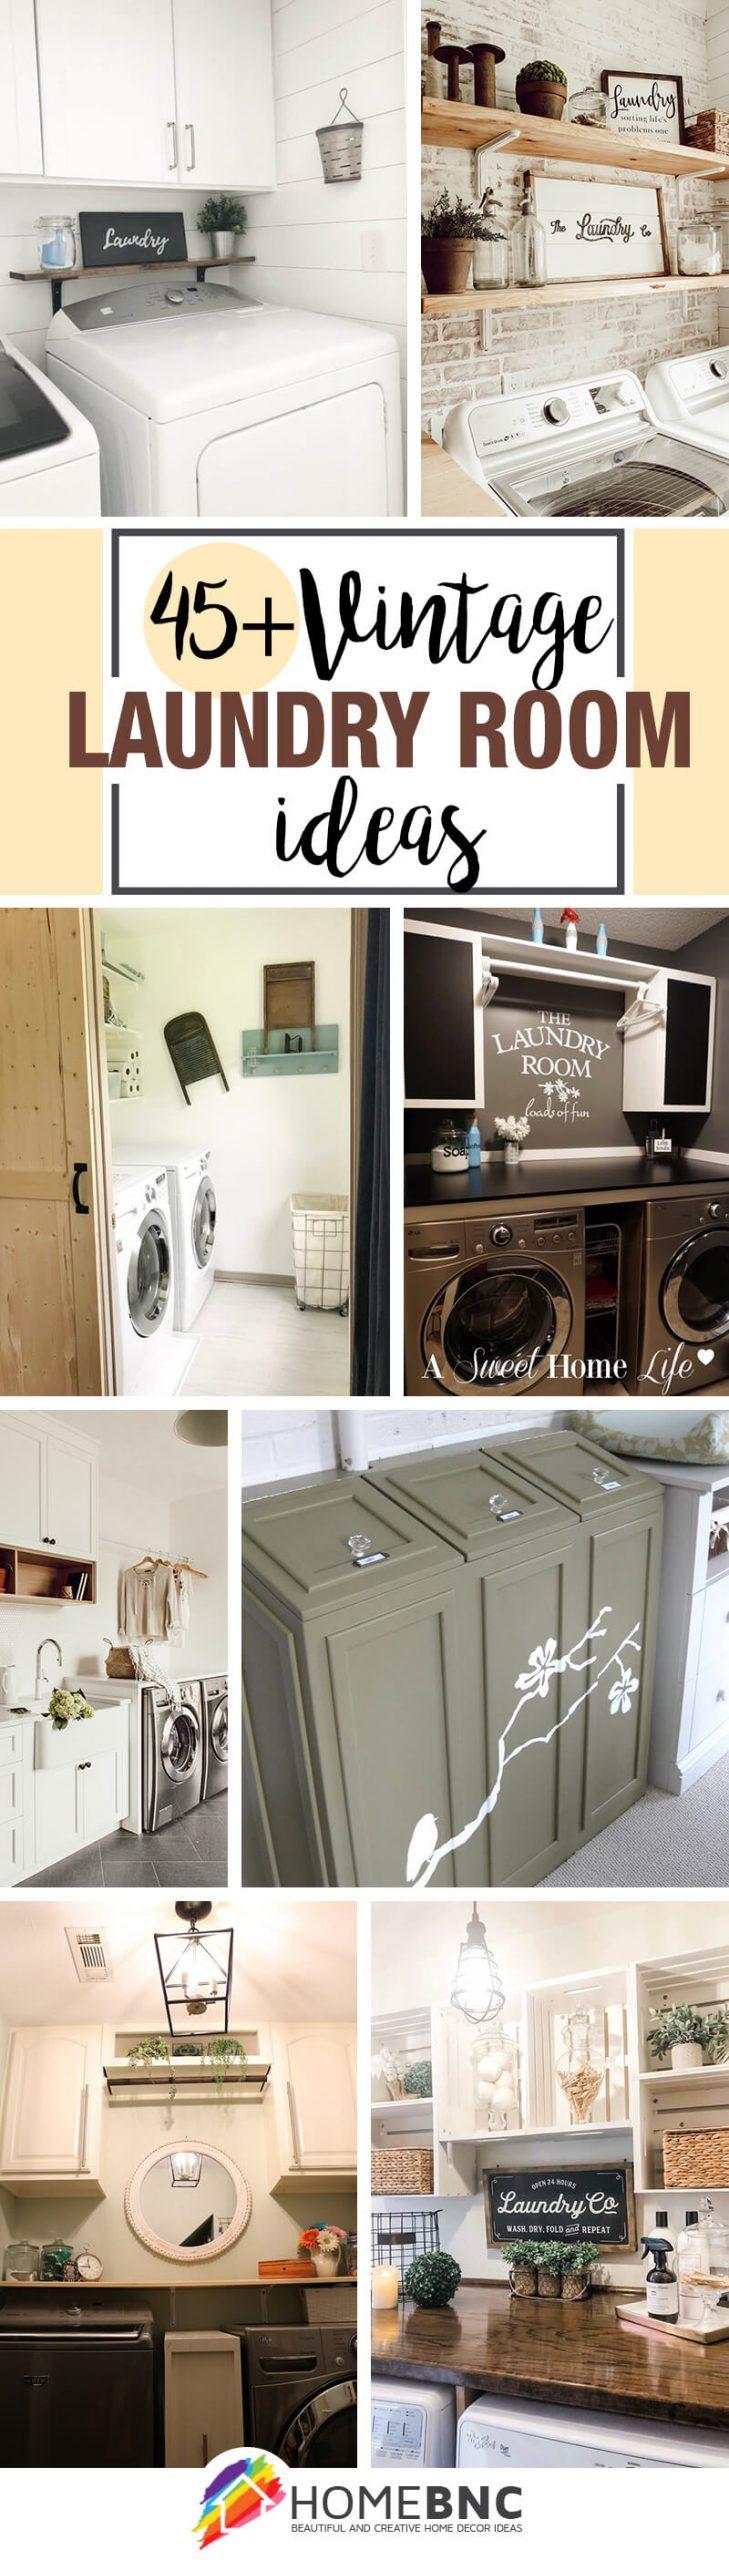 Vintage Laundry Room Ideas